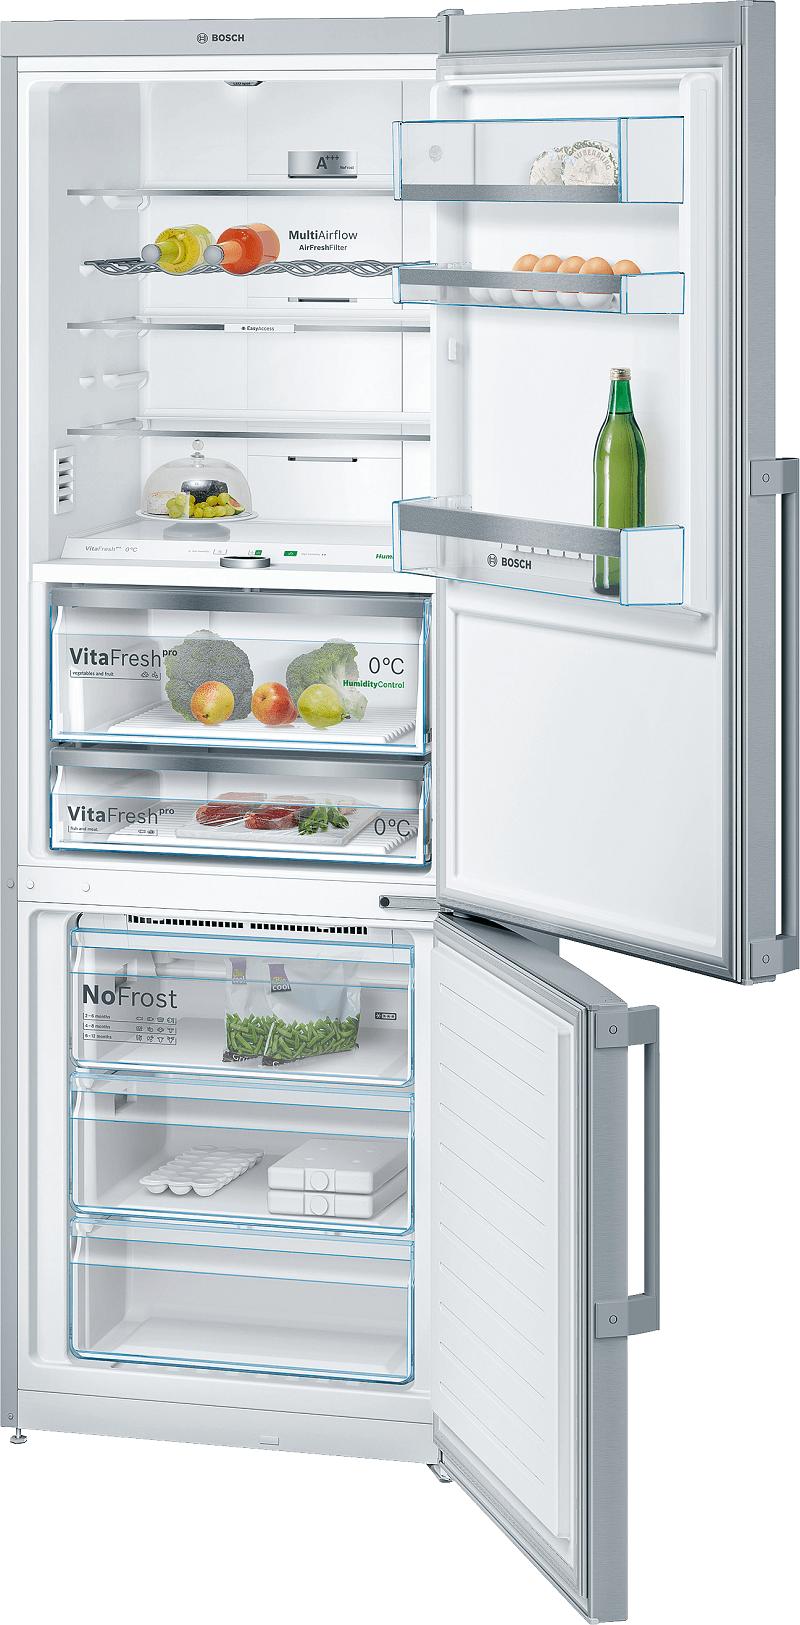 Frigo-congelatori NoFrost Bosch